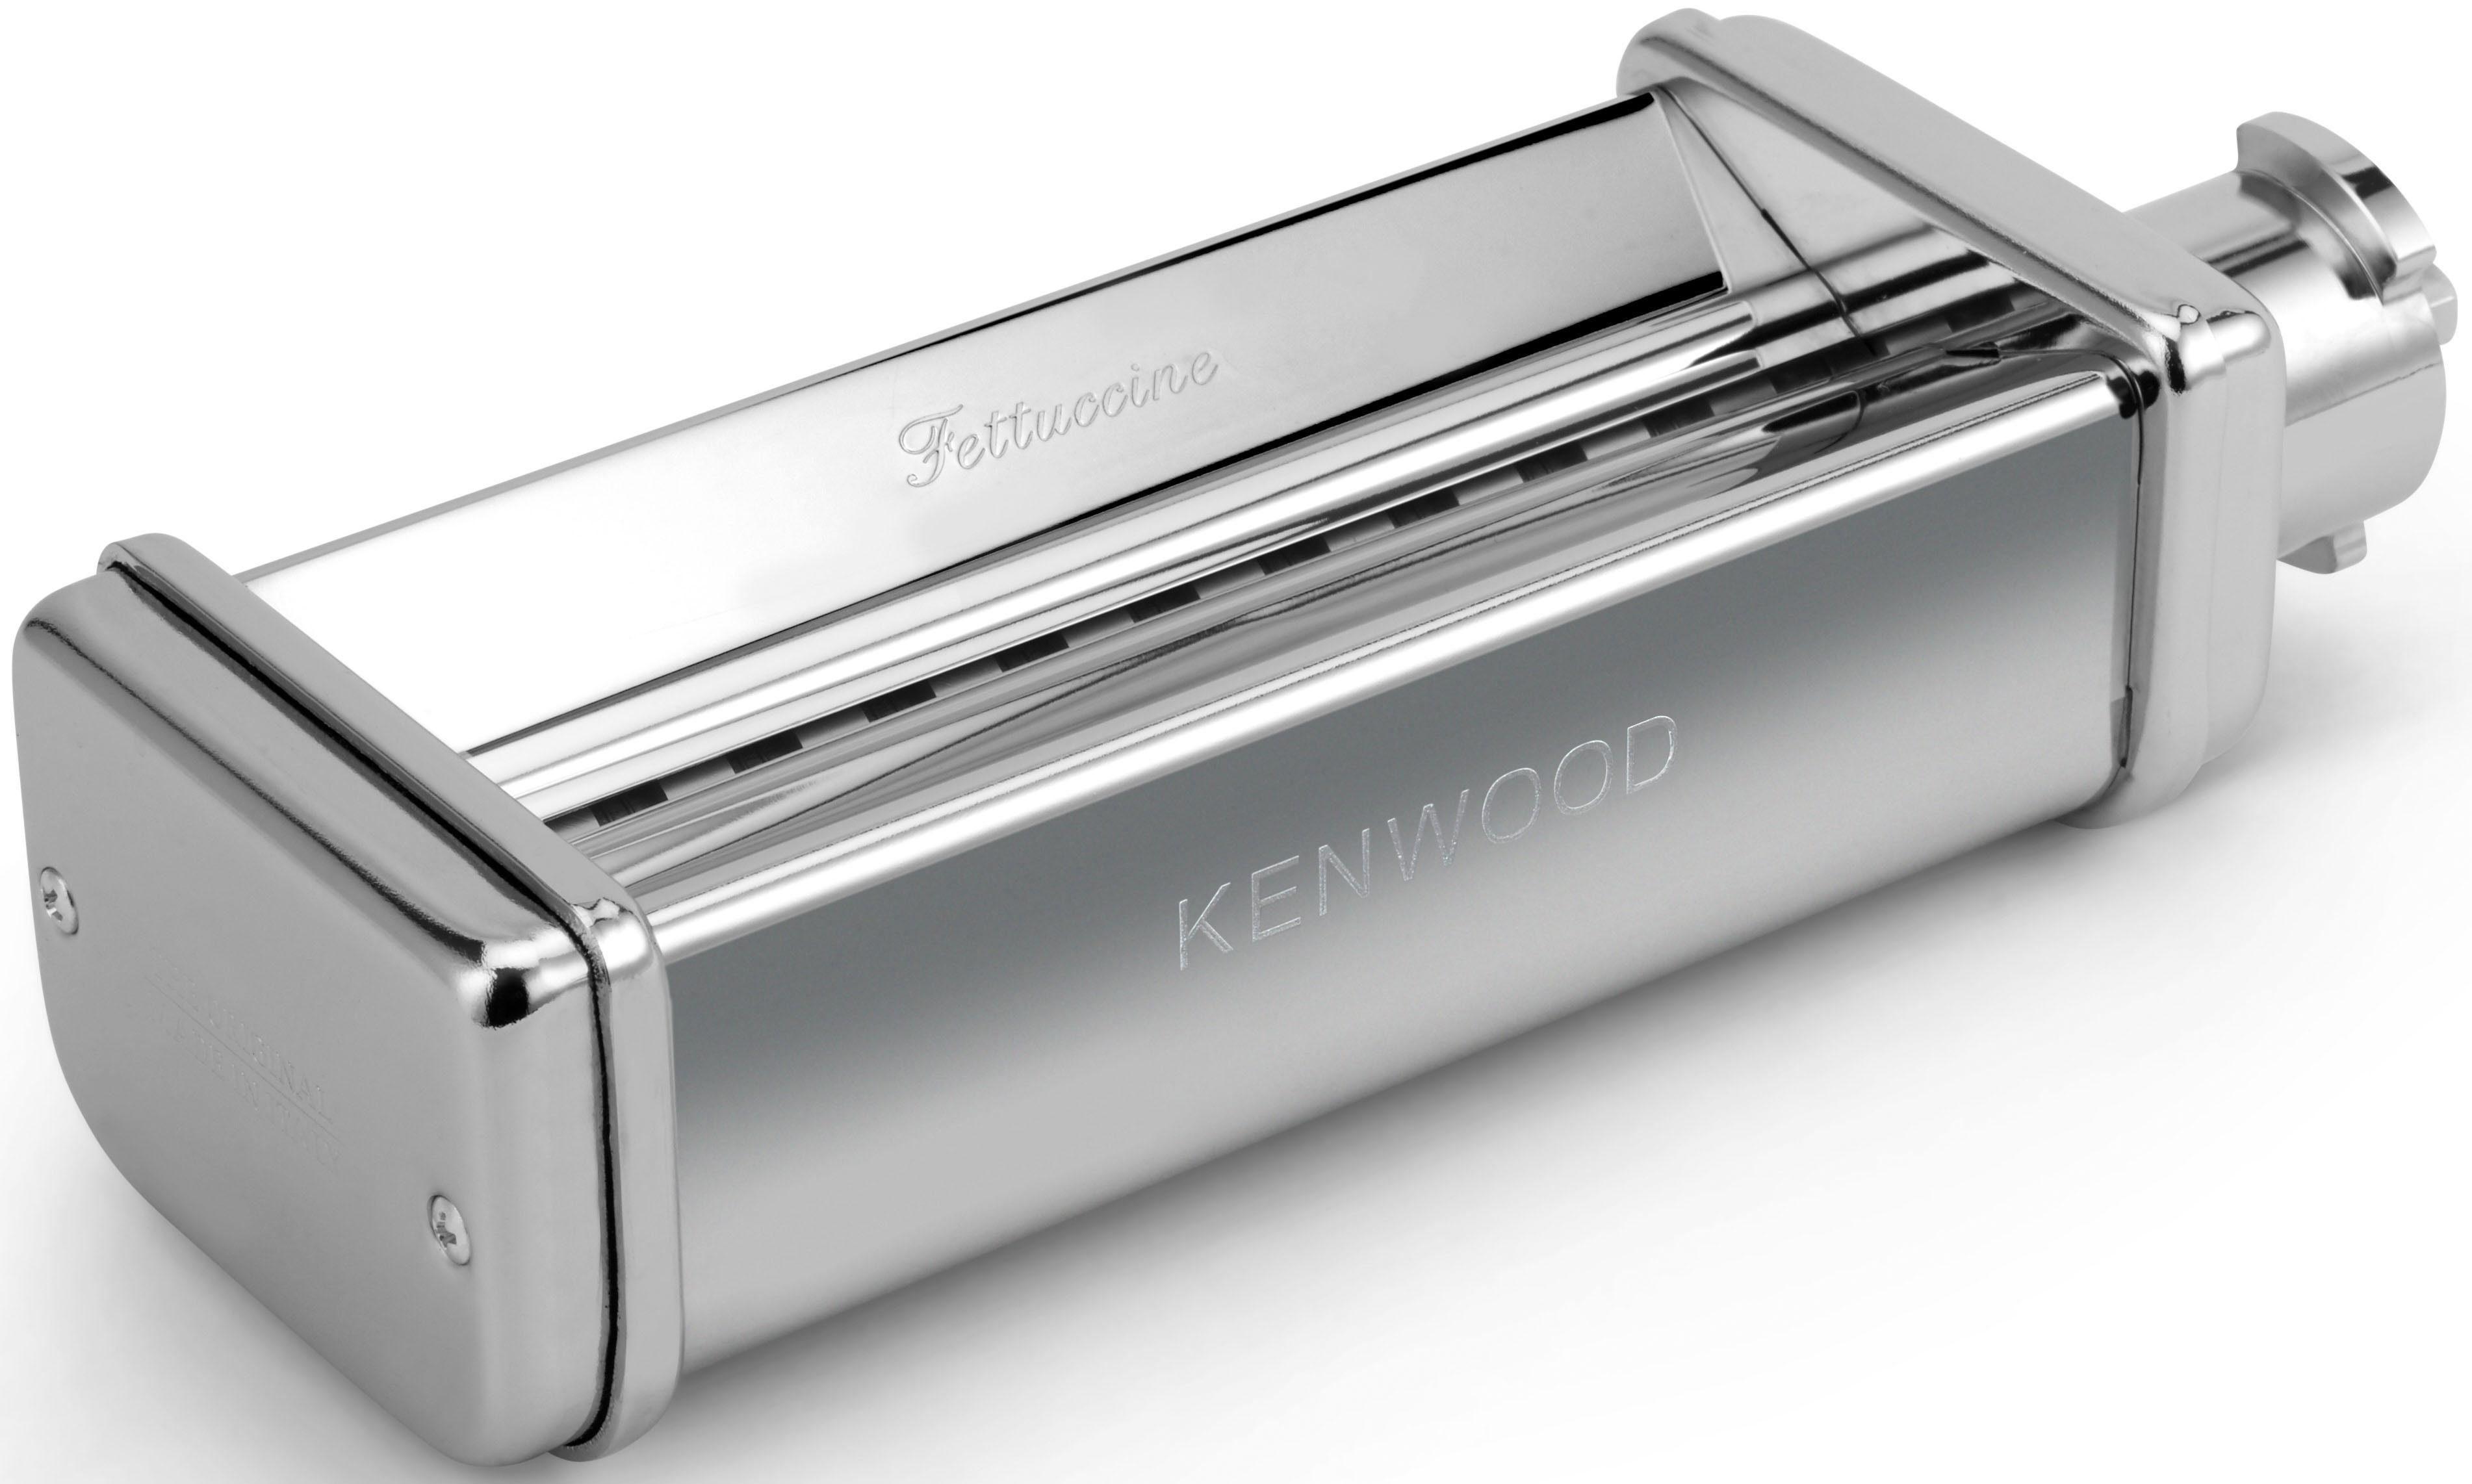 Kenwood Nudel-Walze Fettuccine Schneideinsatz KAX981ME, Zubehör für Kenwood Küchenmaschinen